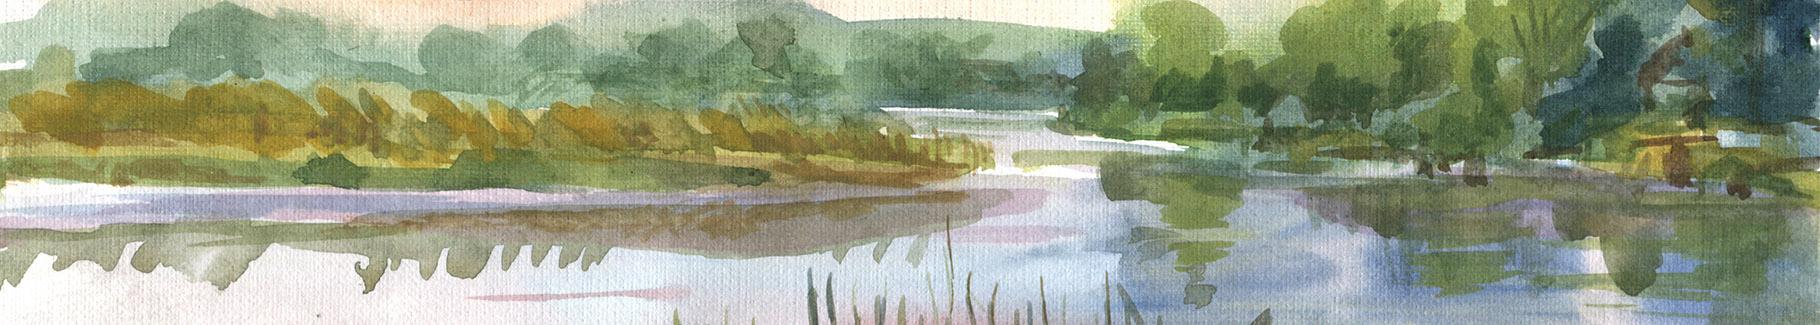 Obraz rzeka wśród zieleni